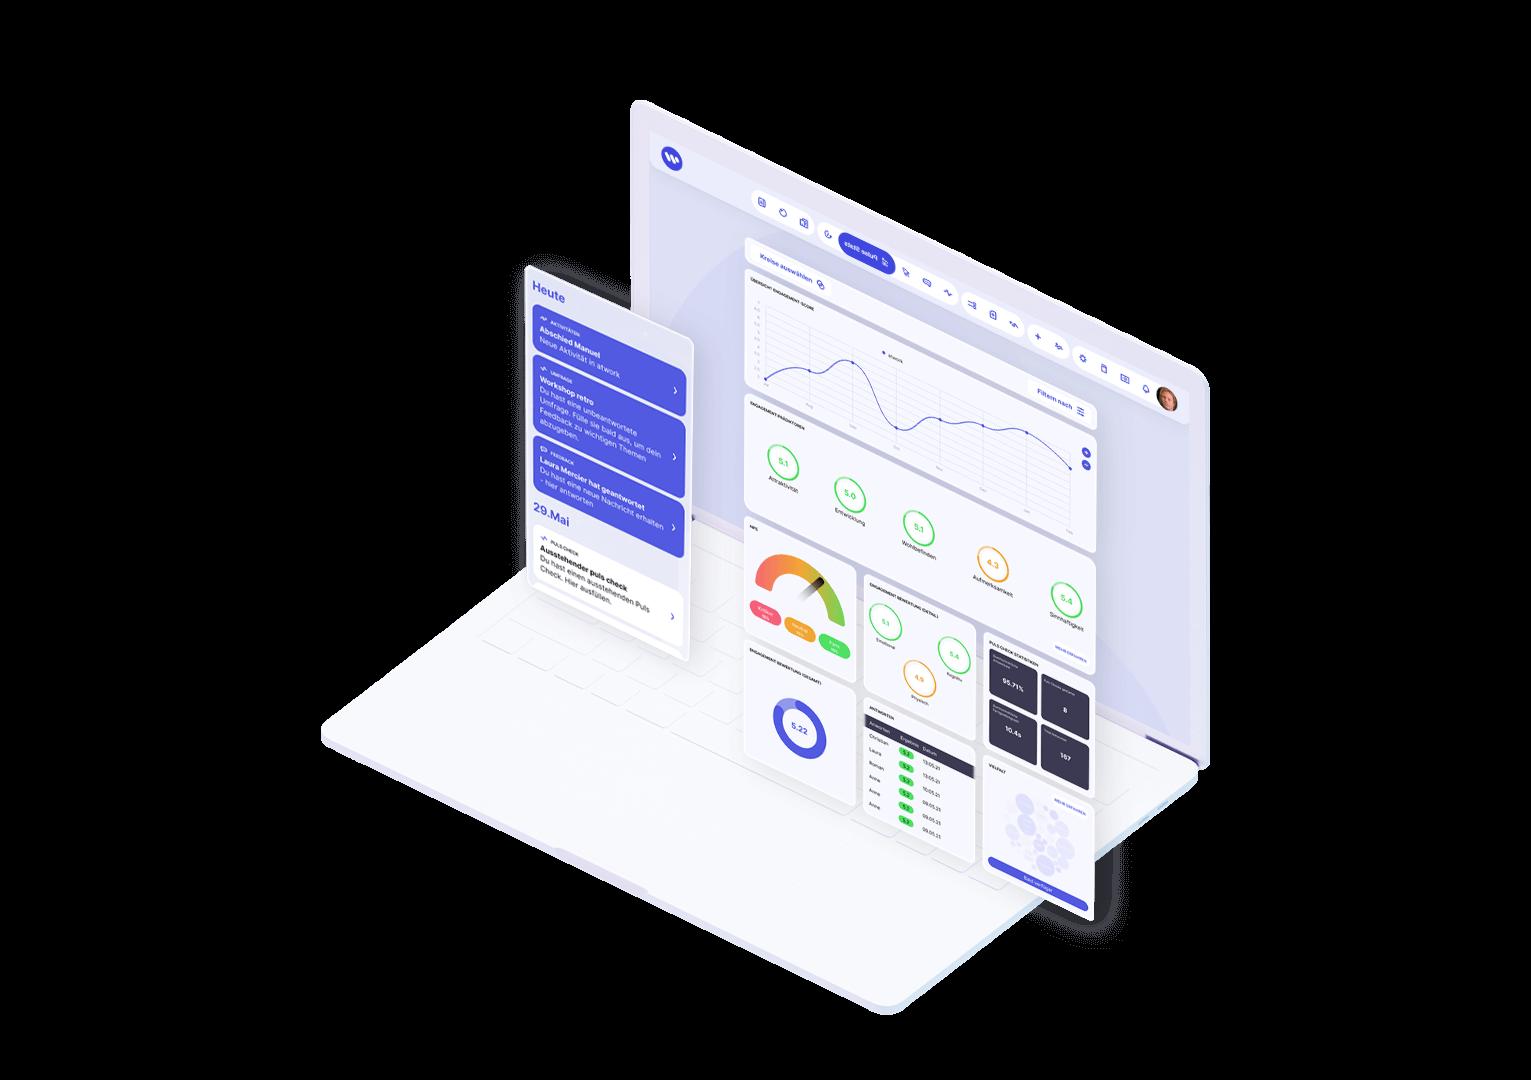 Echtzeit-Ergebnisse, Analyse und Reports im Dashboard der atwork Suite.